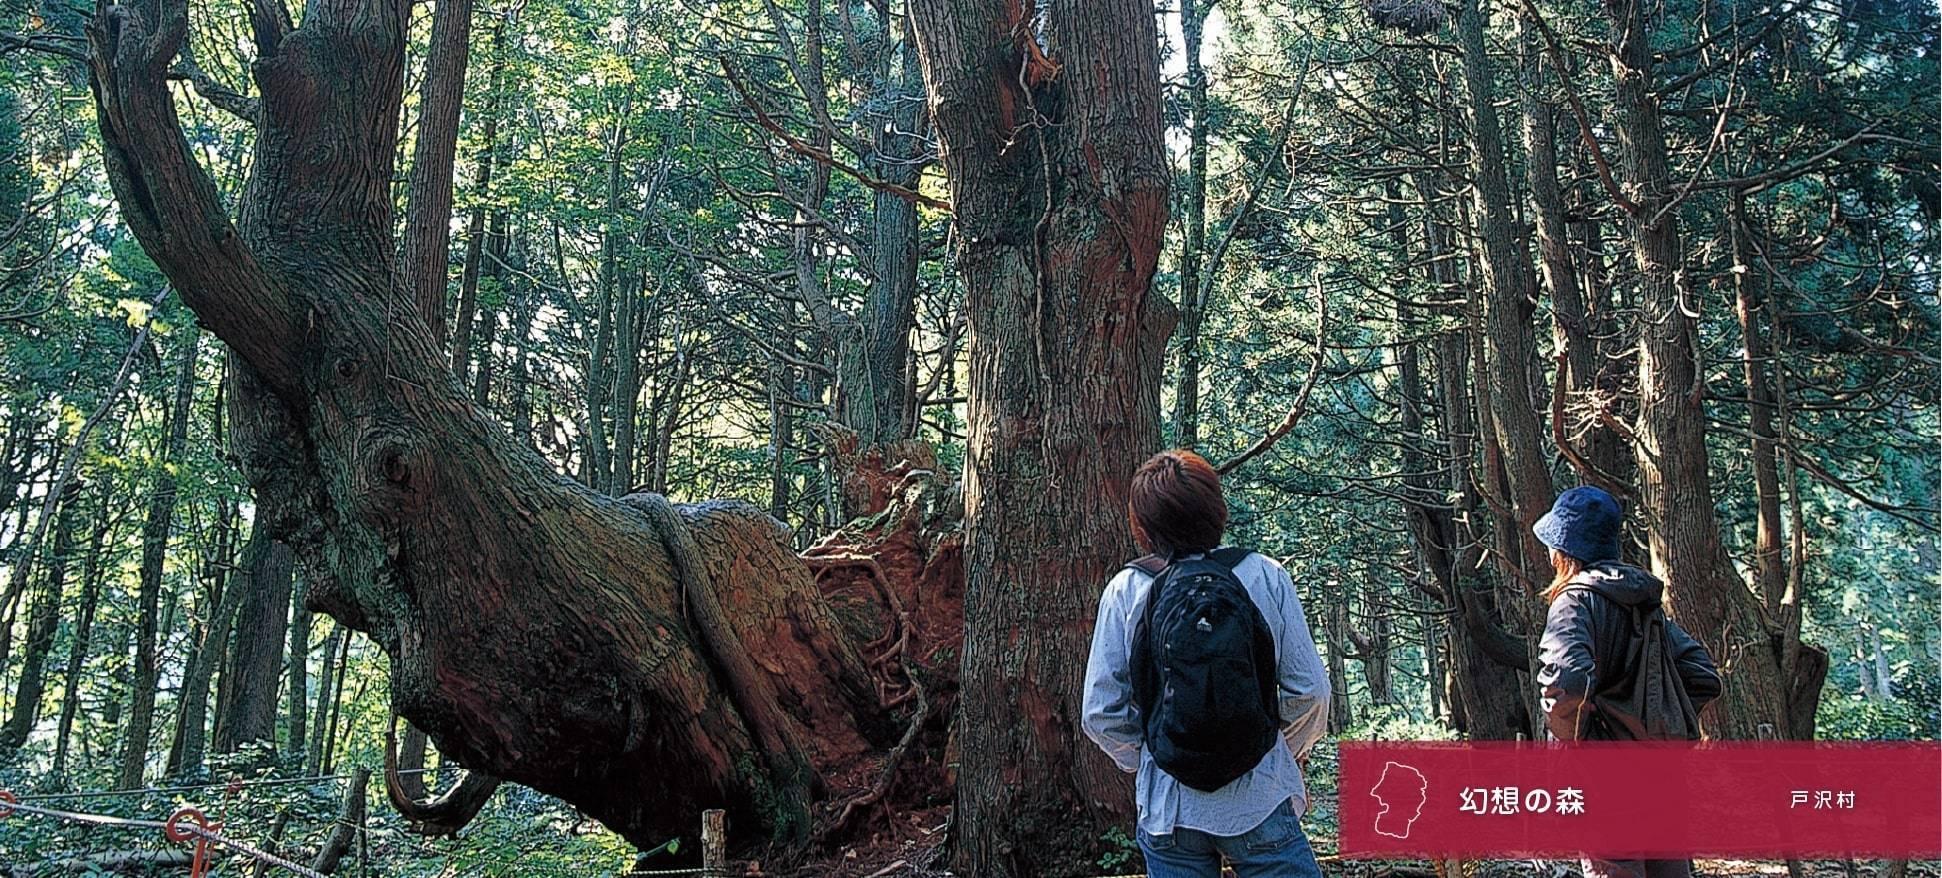 幻想的森林